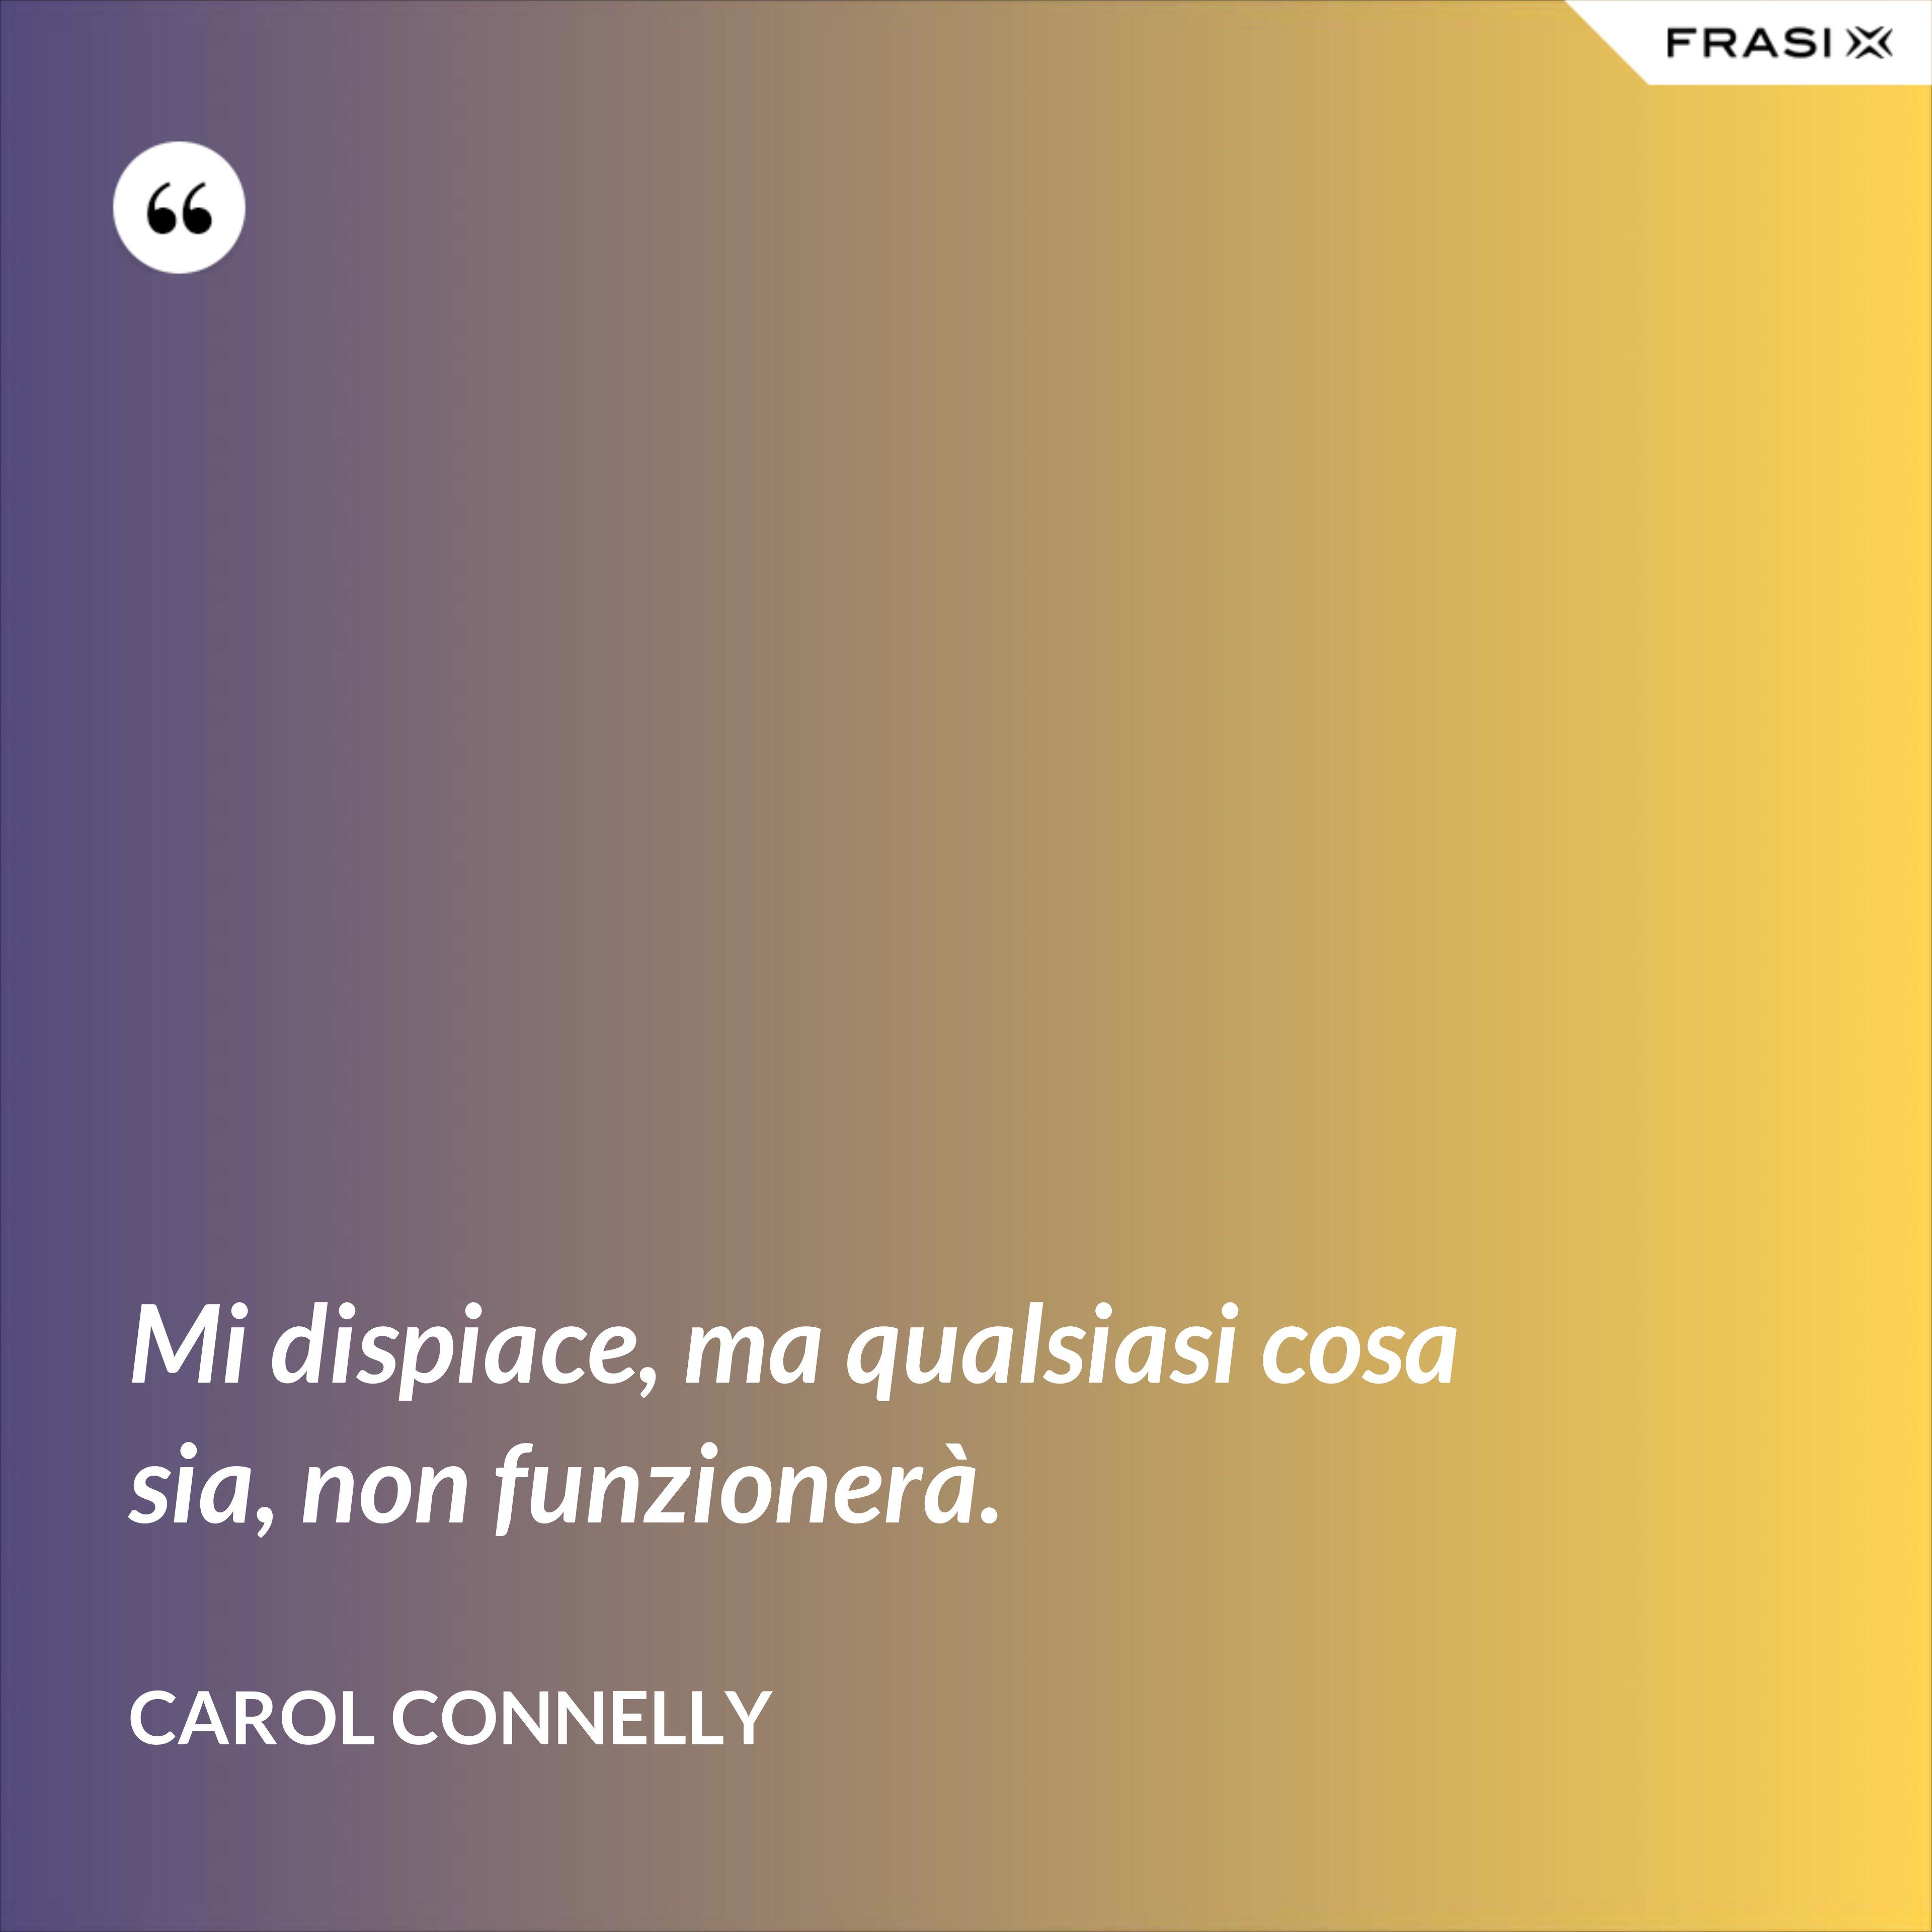 Mi dispiace, ma qualsiasi cosa sia, non funzionerà. - Carol Connelly